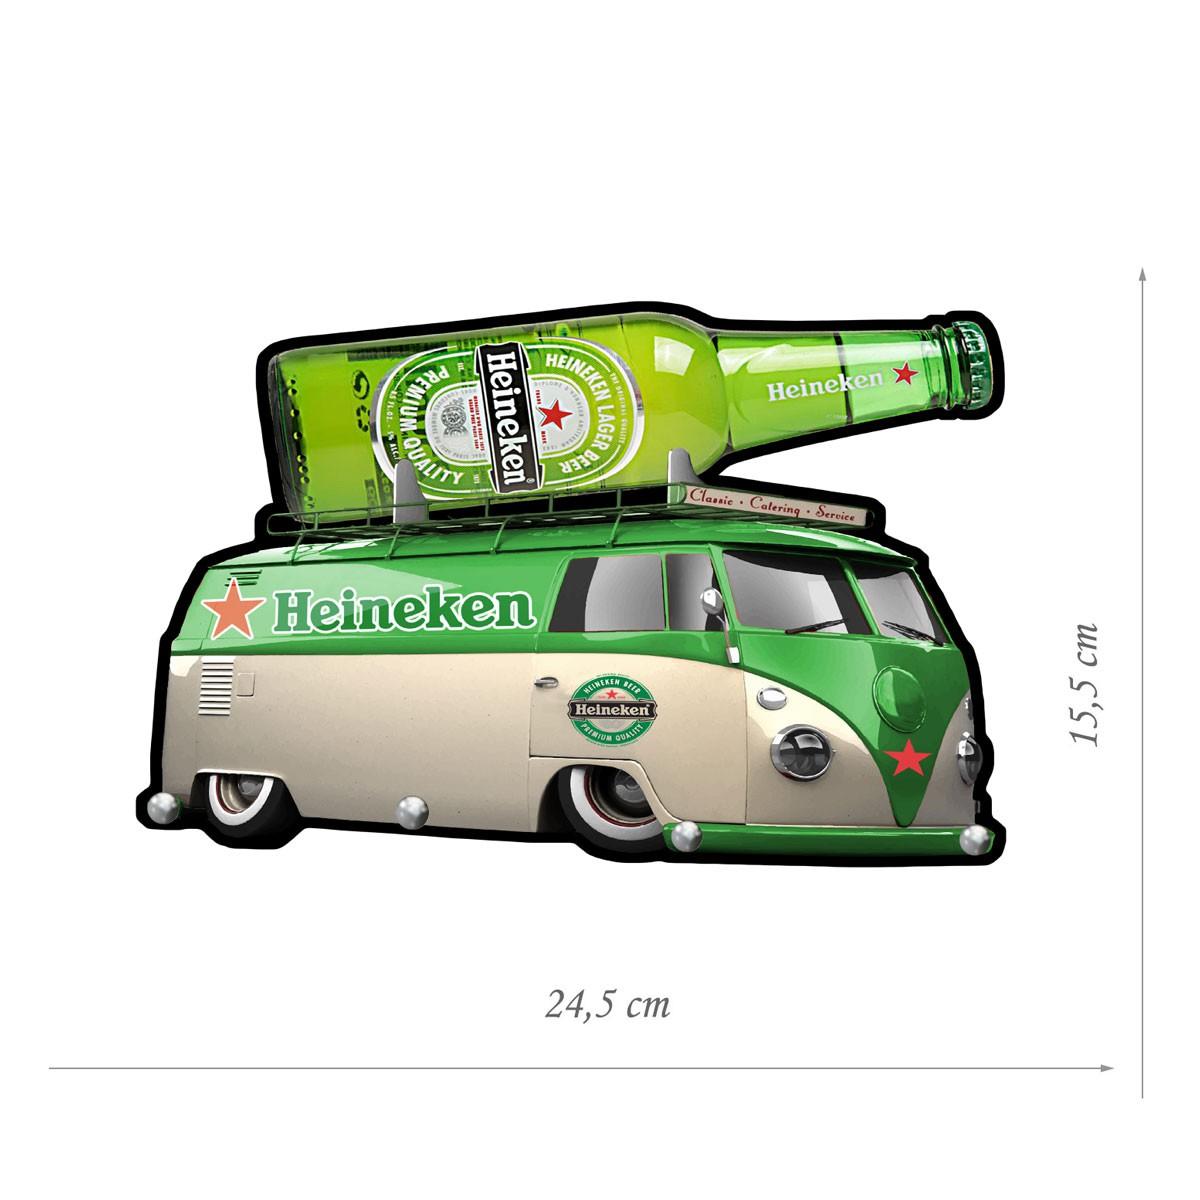 Porta Chaves de Mdf Decorativo Heineken para Parede ou Porta